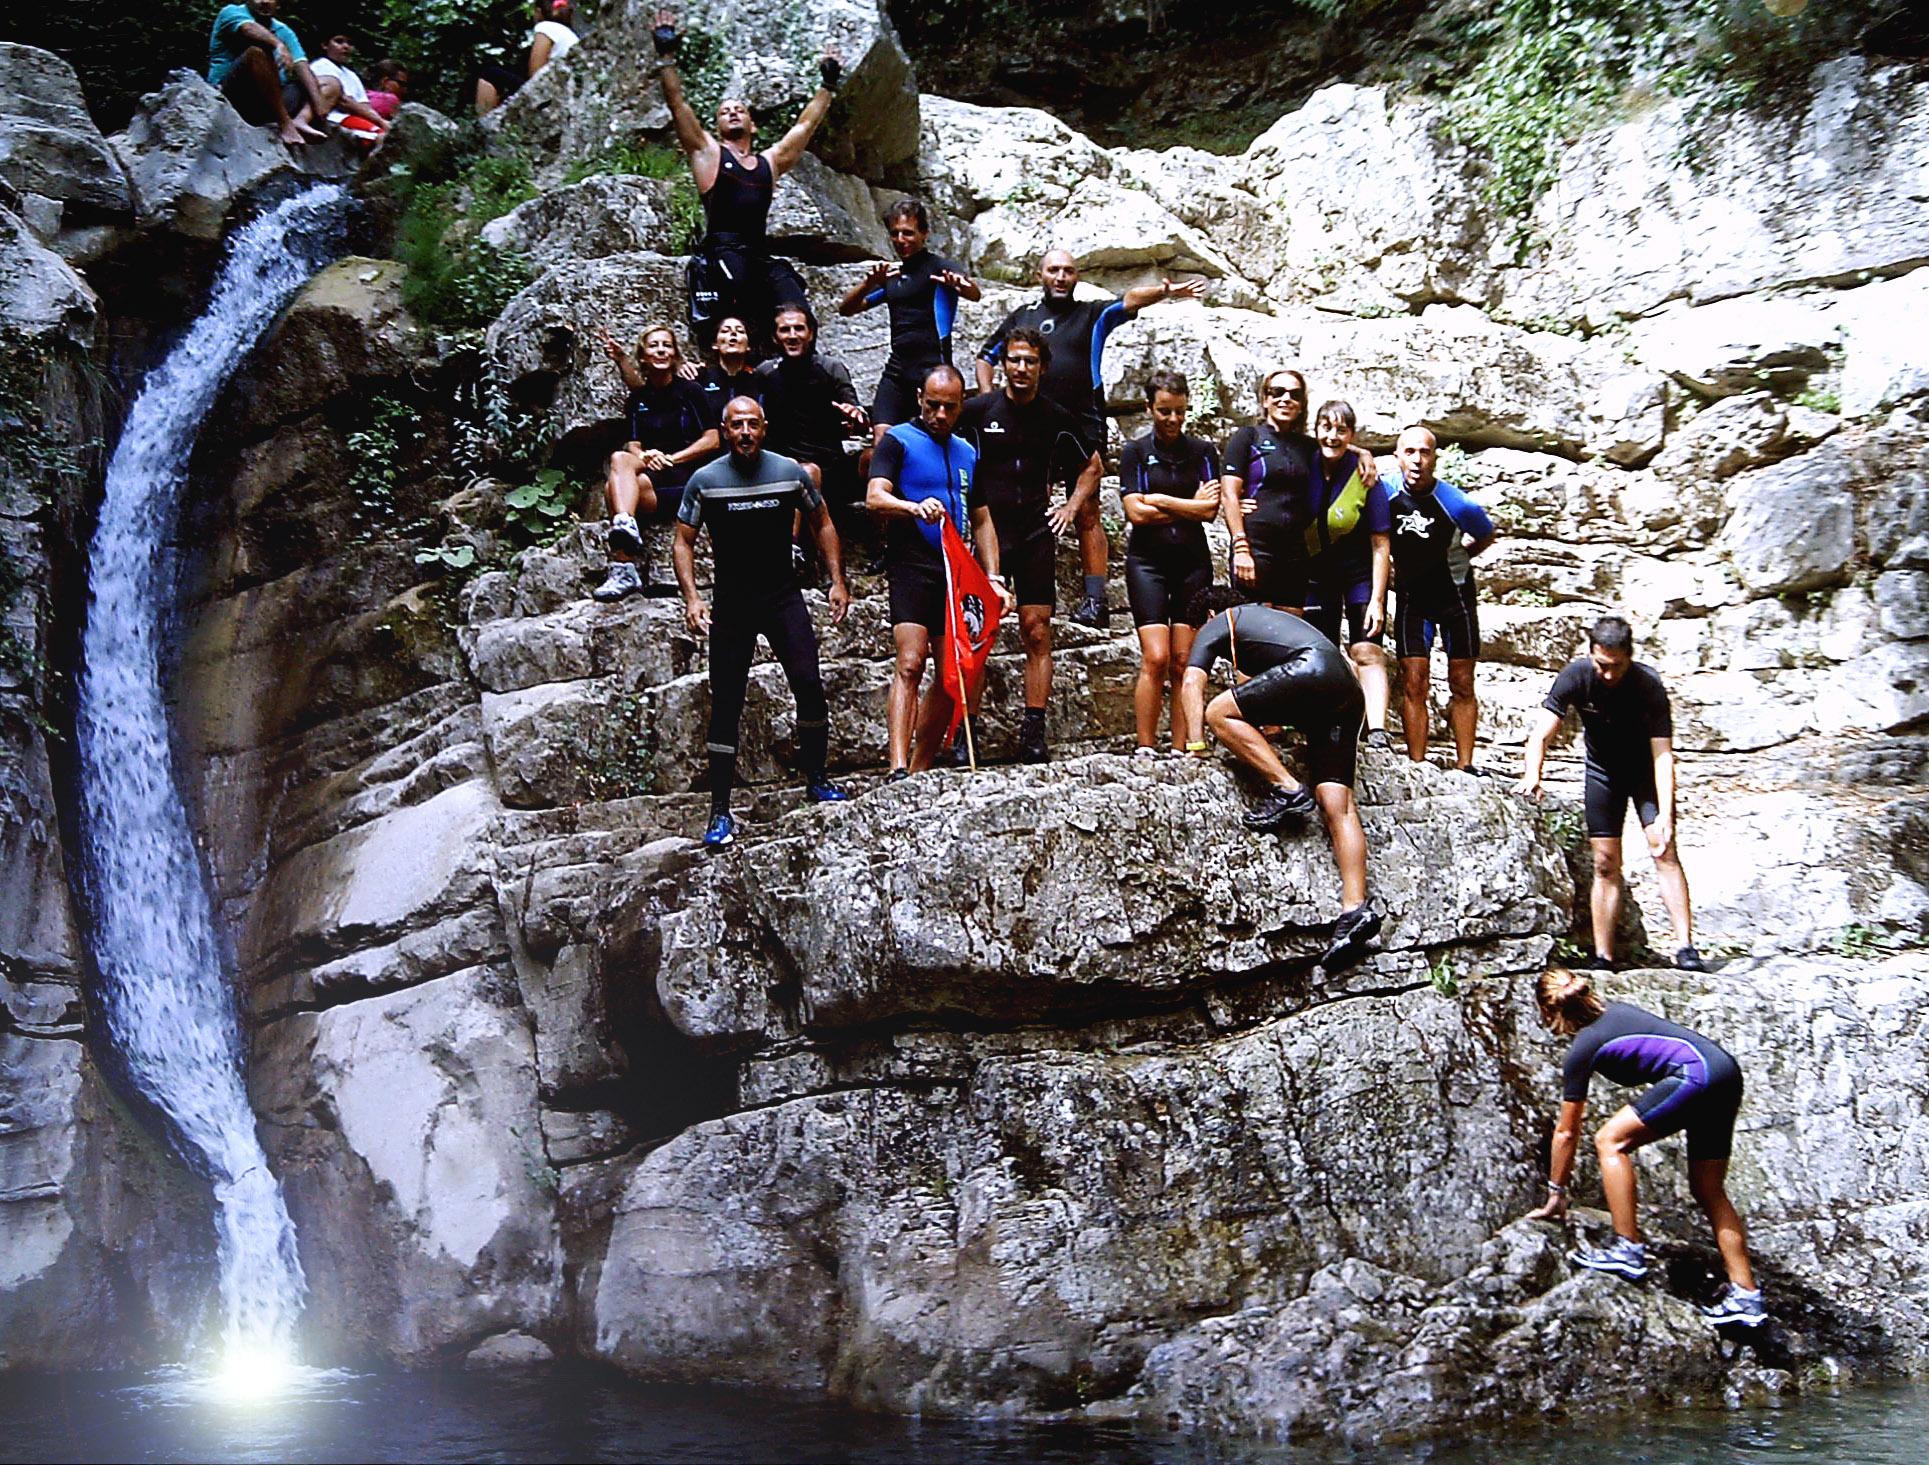 escursioni puglia www.pugliavventura.com